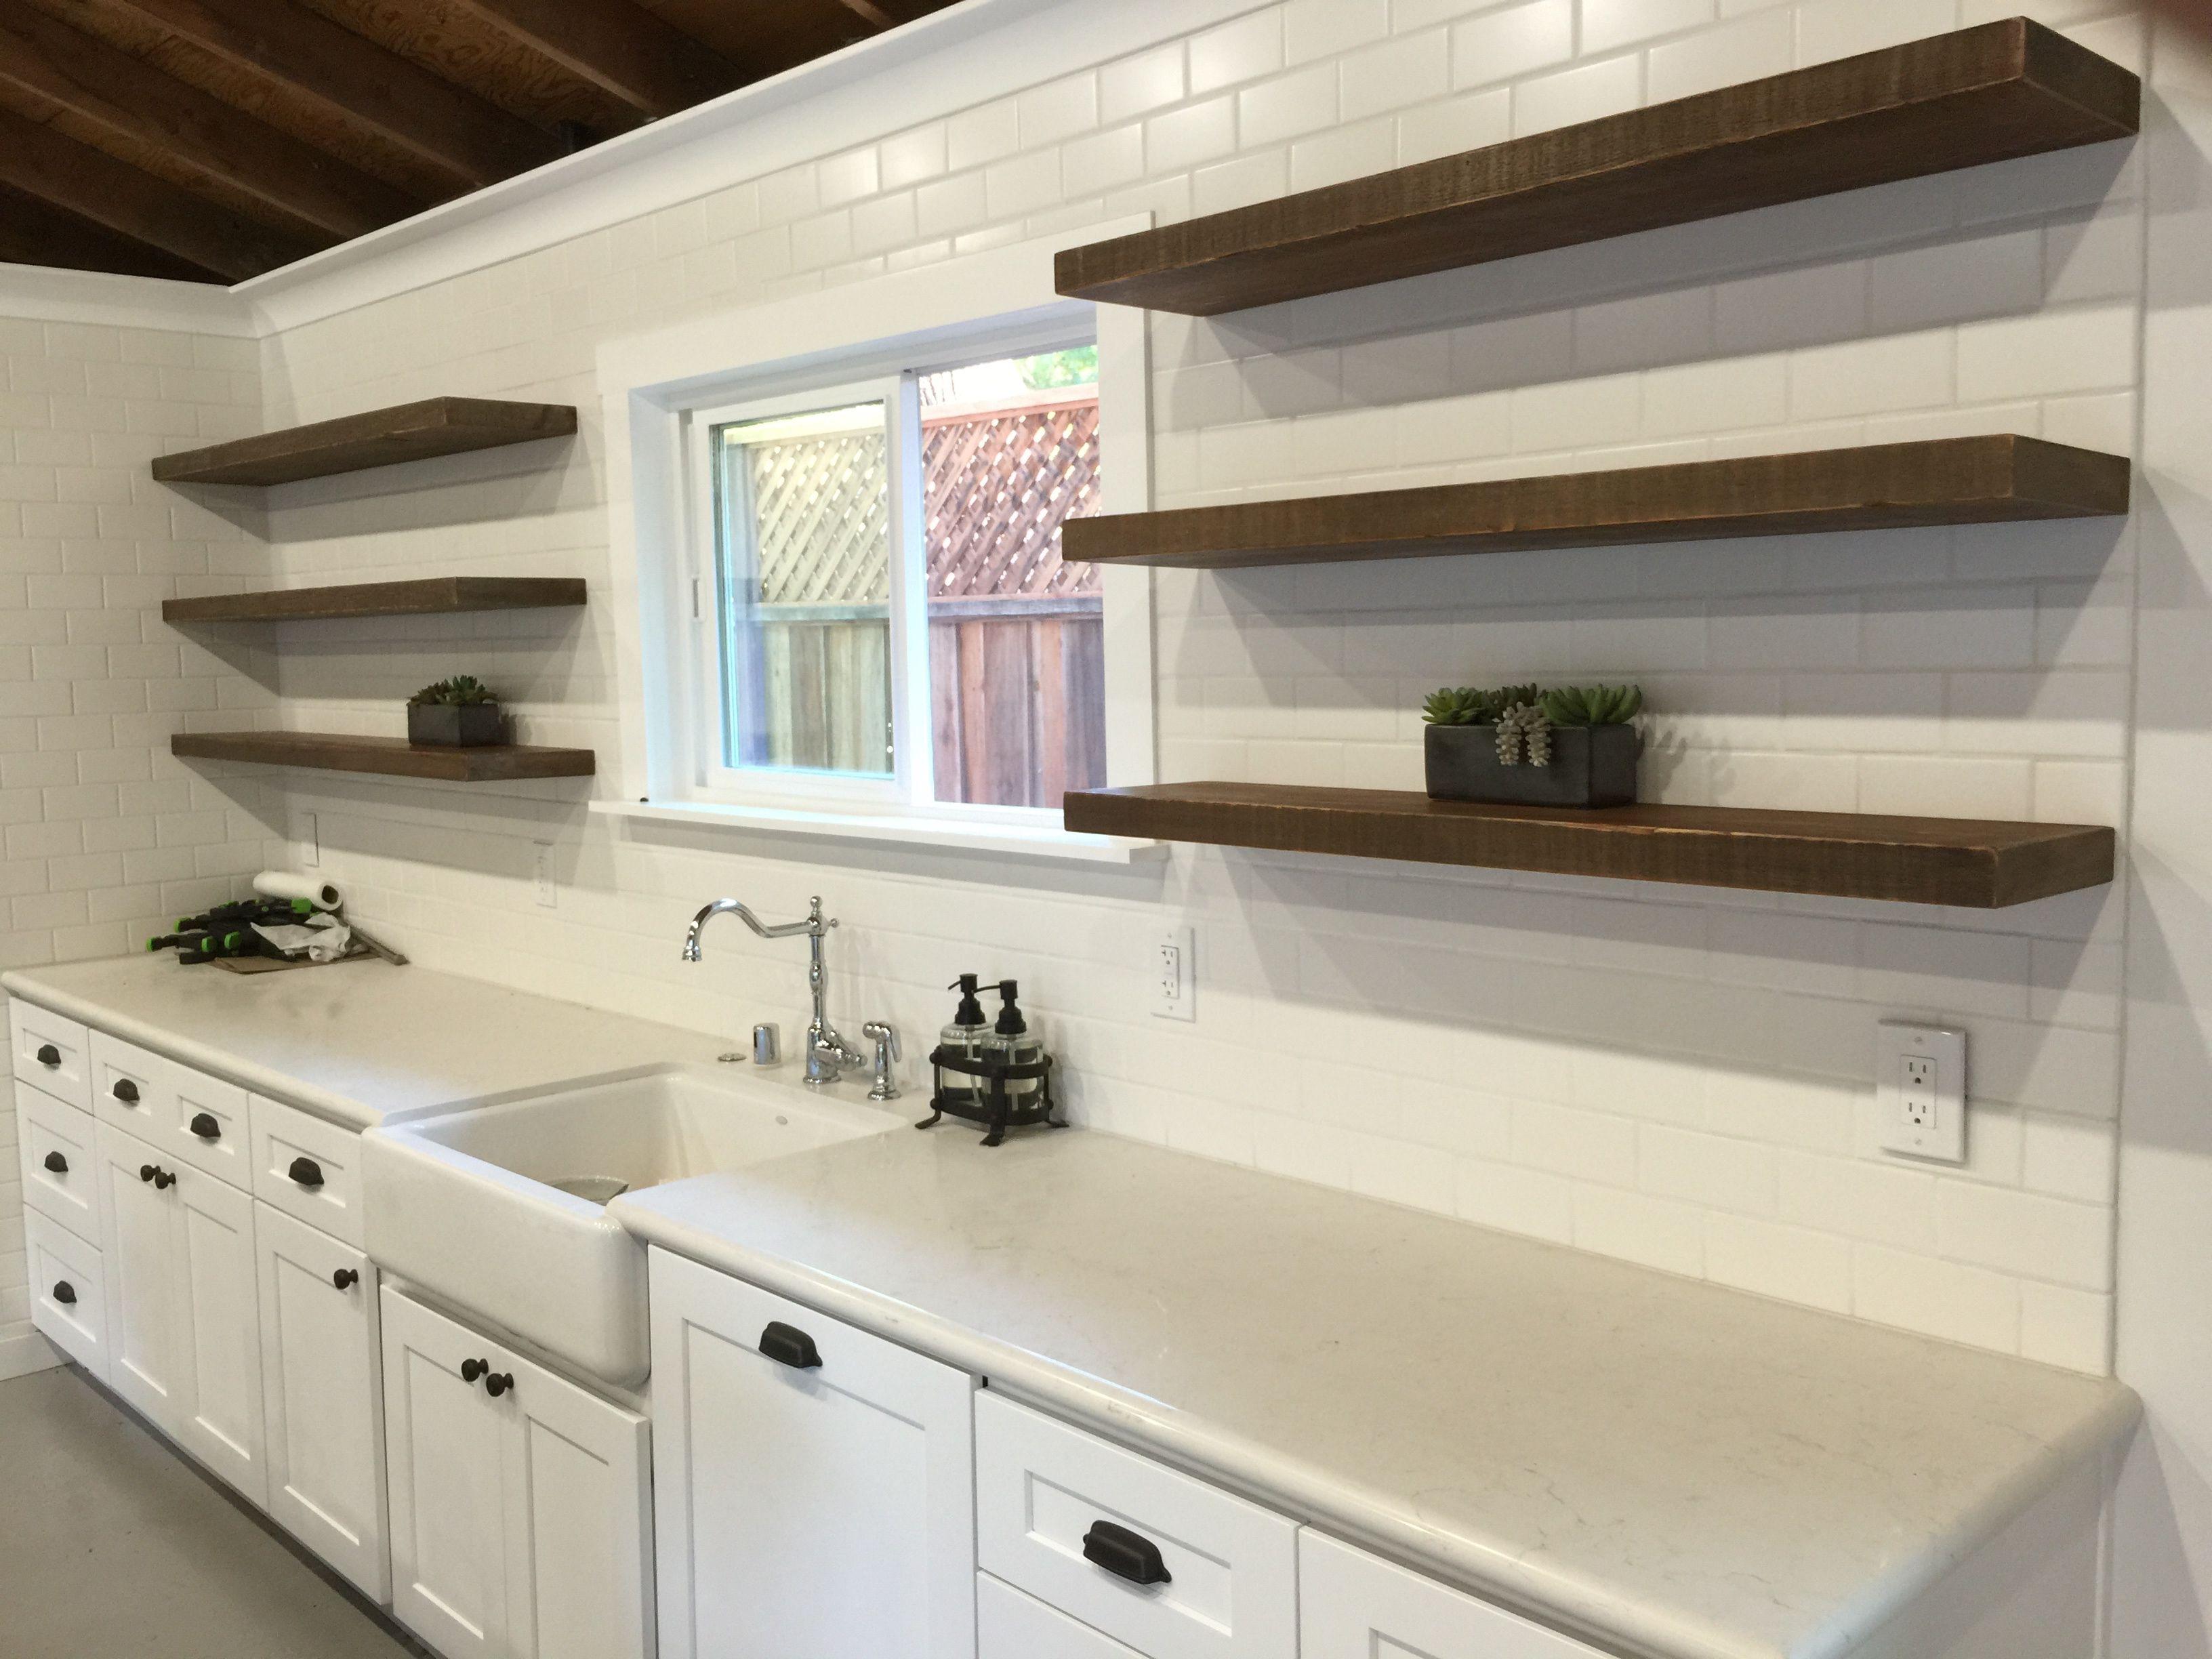 Interchangeable floating shelves  Alex Slarve  kitchen